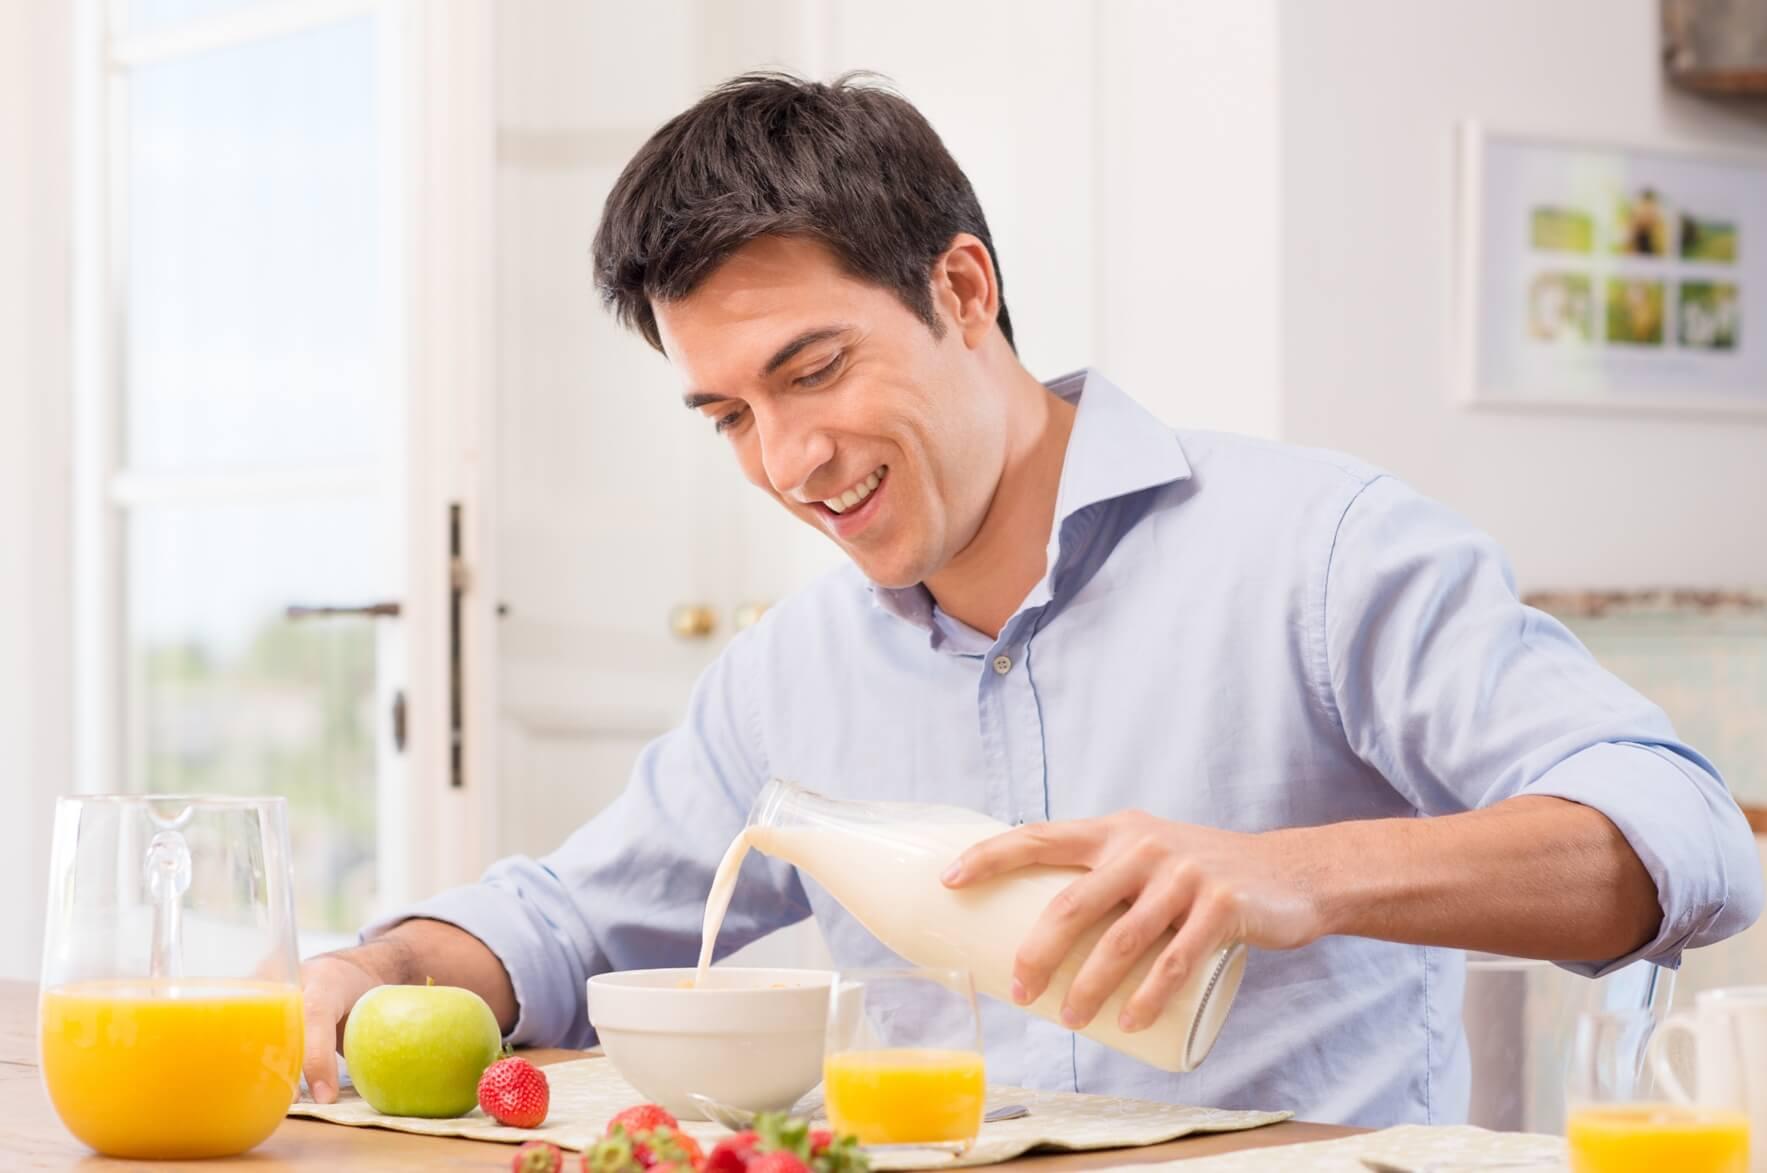 Kurus Dengan Cepat Kurus Dengan Cepat Diet Sehat Dan | Share The ...